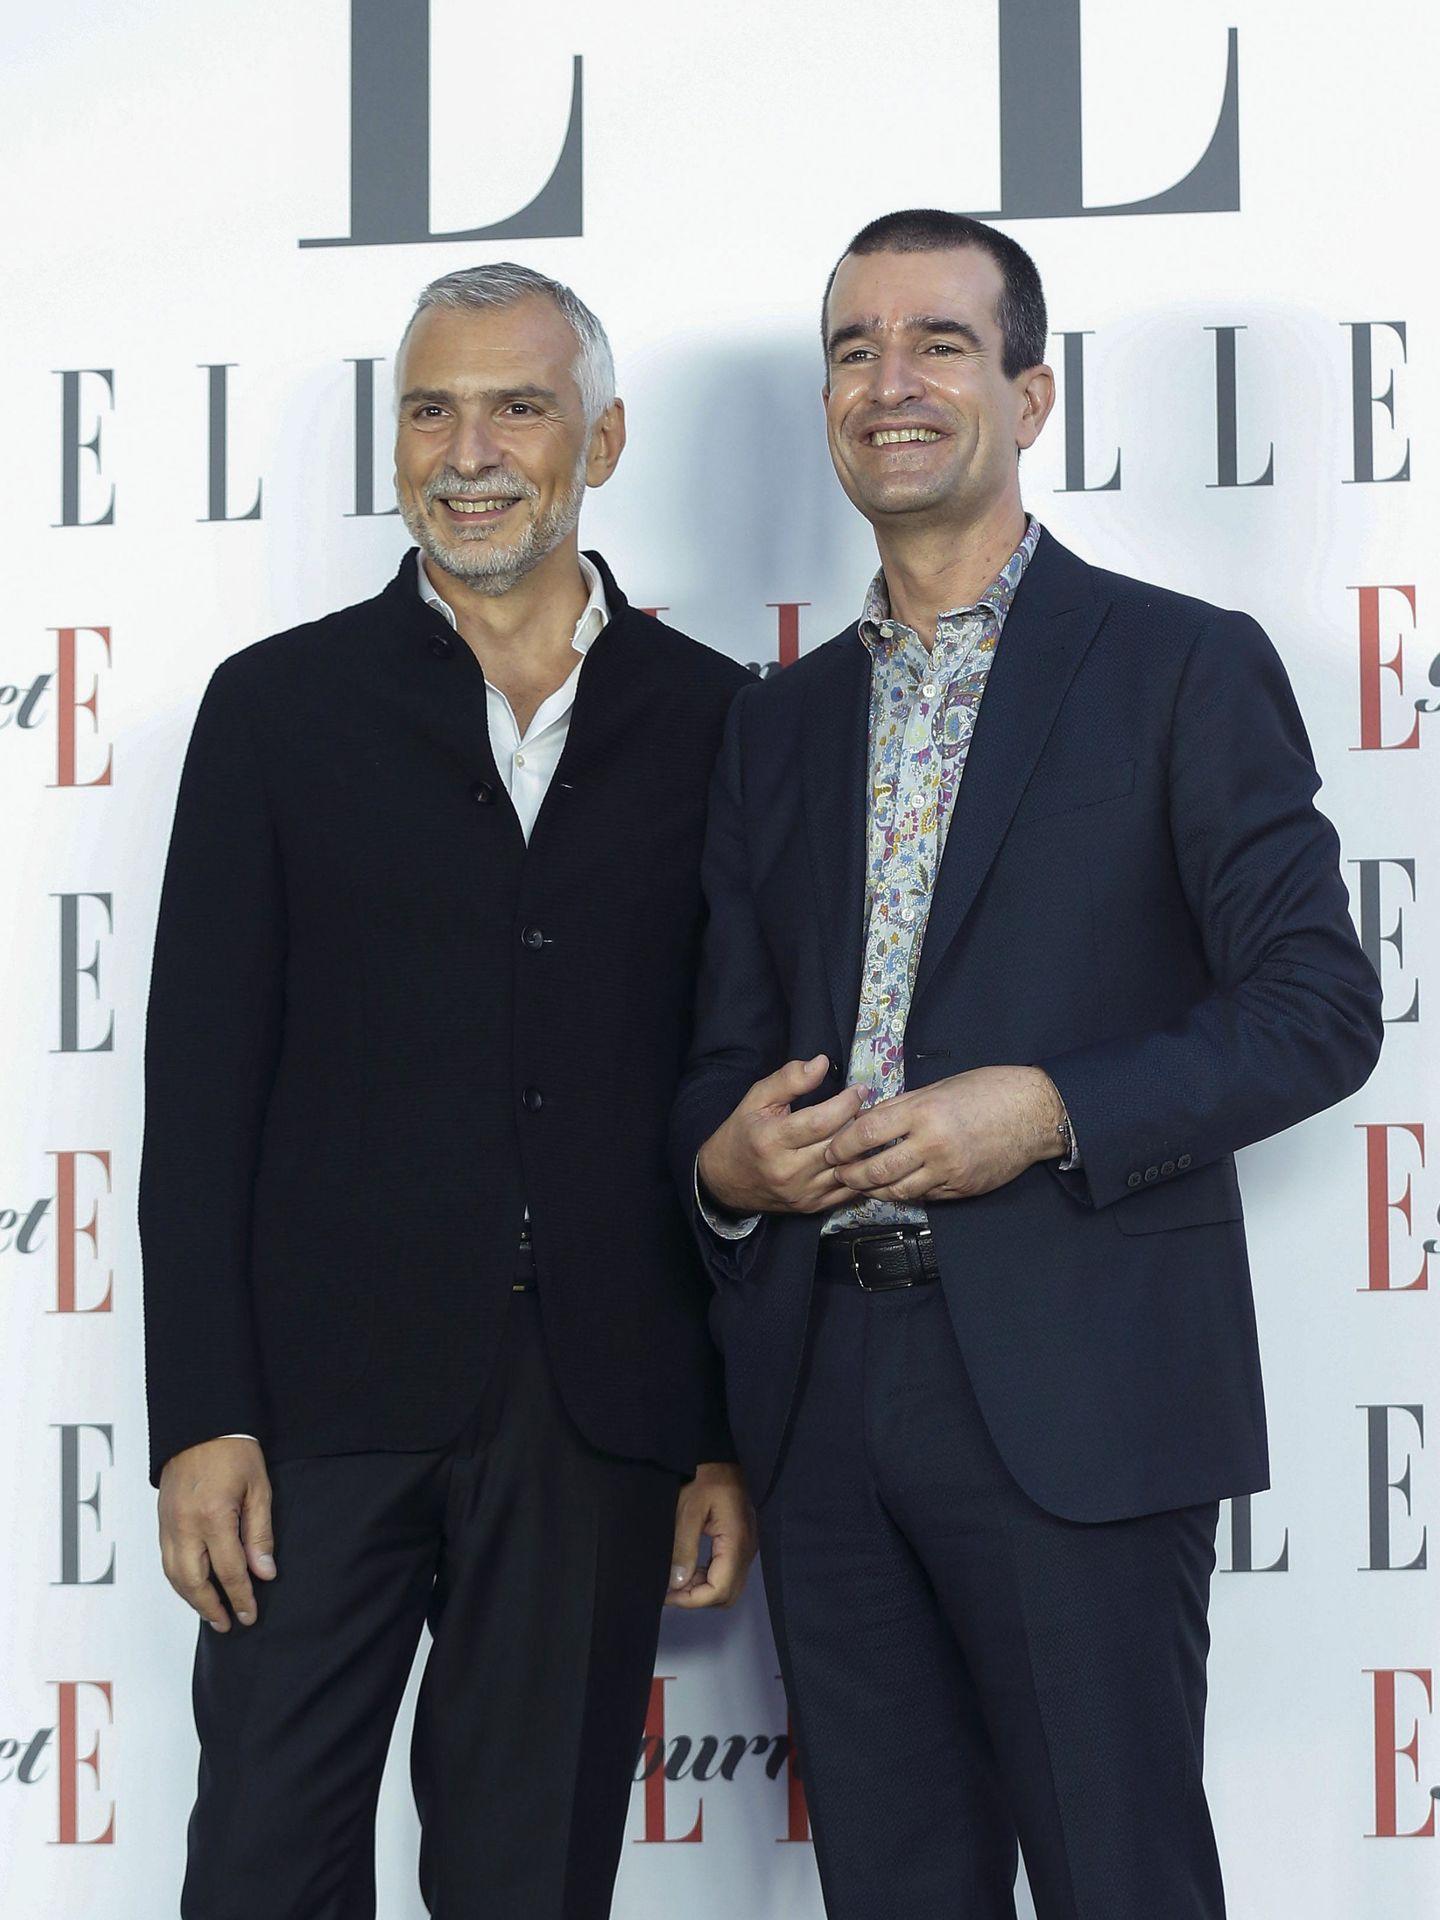 El embajador italiano Stefano Sannino (i) y su marido posan para los medios a su llegada a los Premios Elle Gourmet celebrados en la embajada italiana de Madrid. (EFE/Paco Campos)